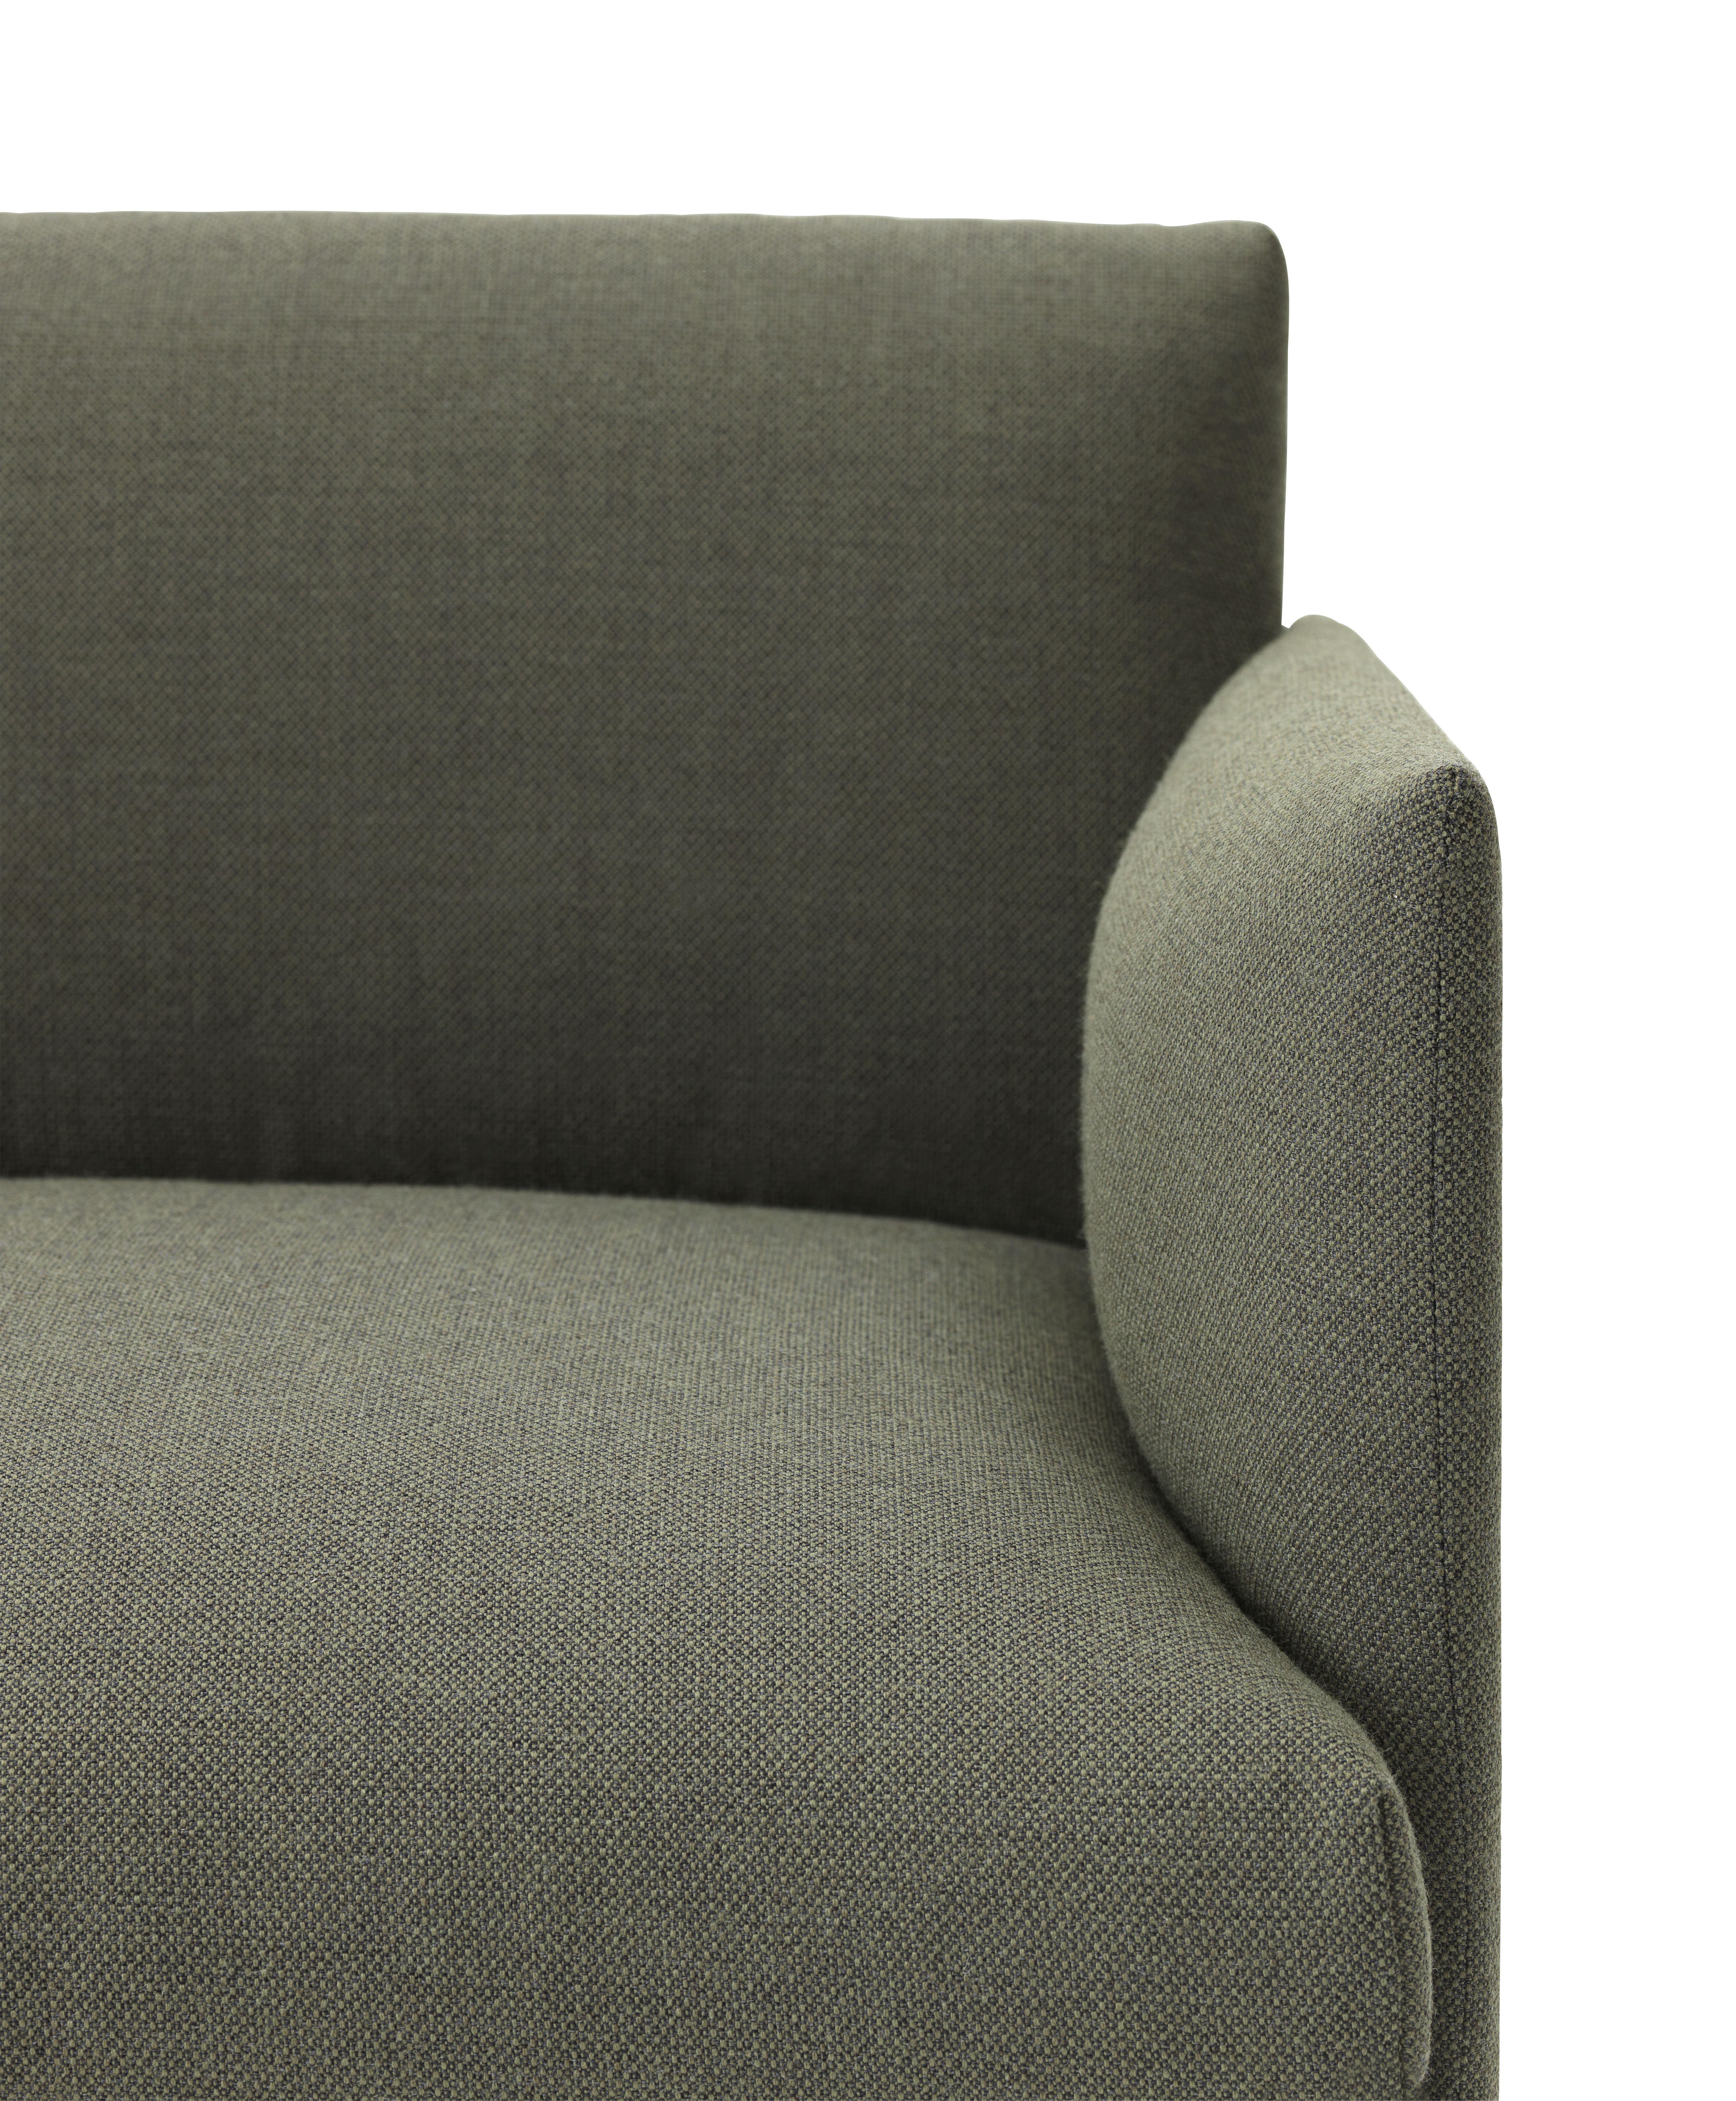 canap droit outline l 170 cm tissu vert kaki pieds noirs muuto. Black Bedroom Furniture Sets. Home Design Ideas